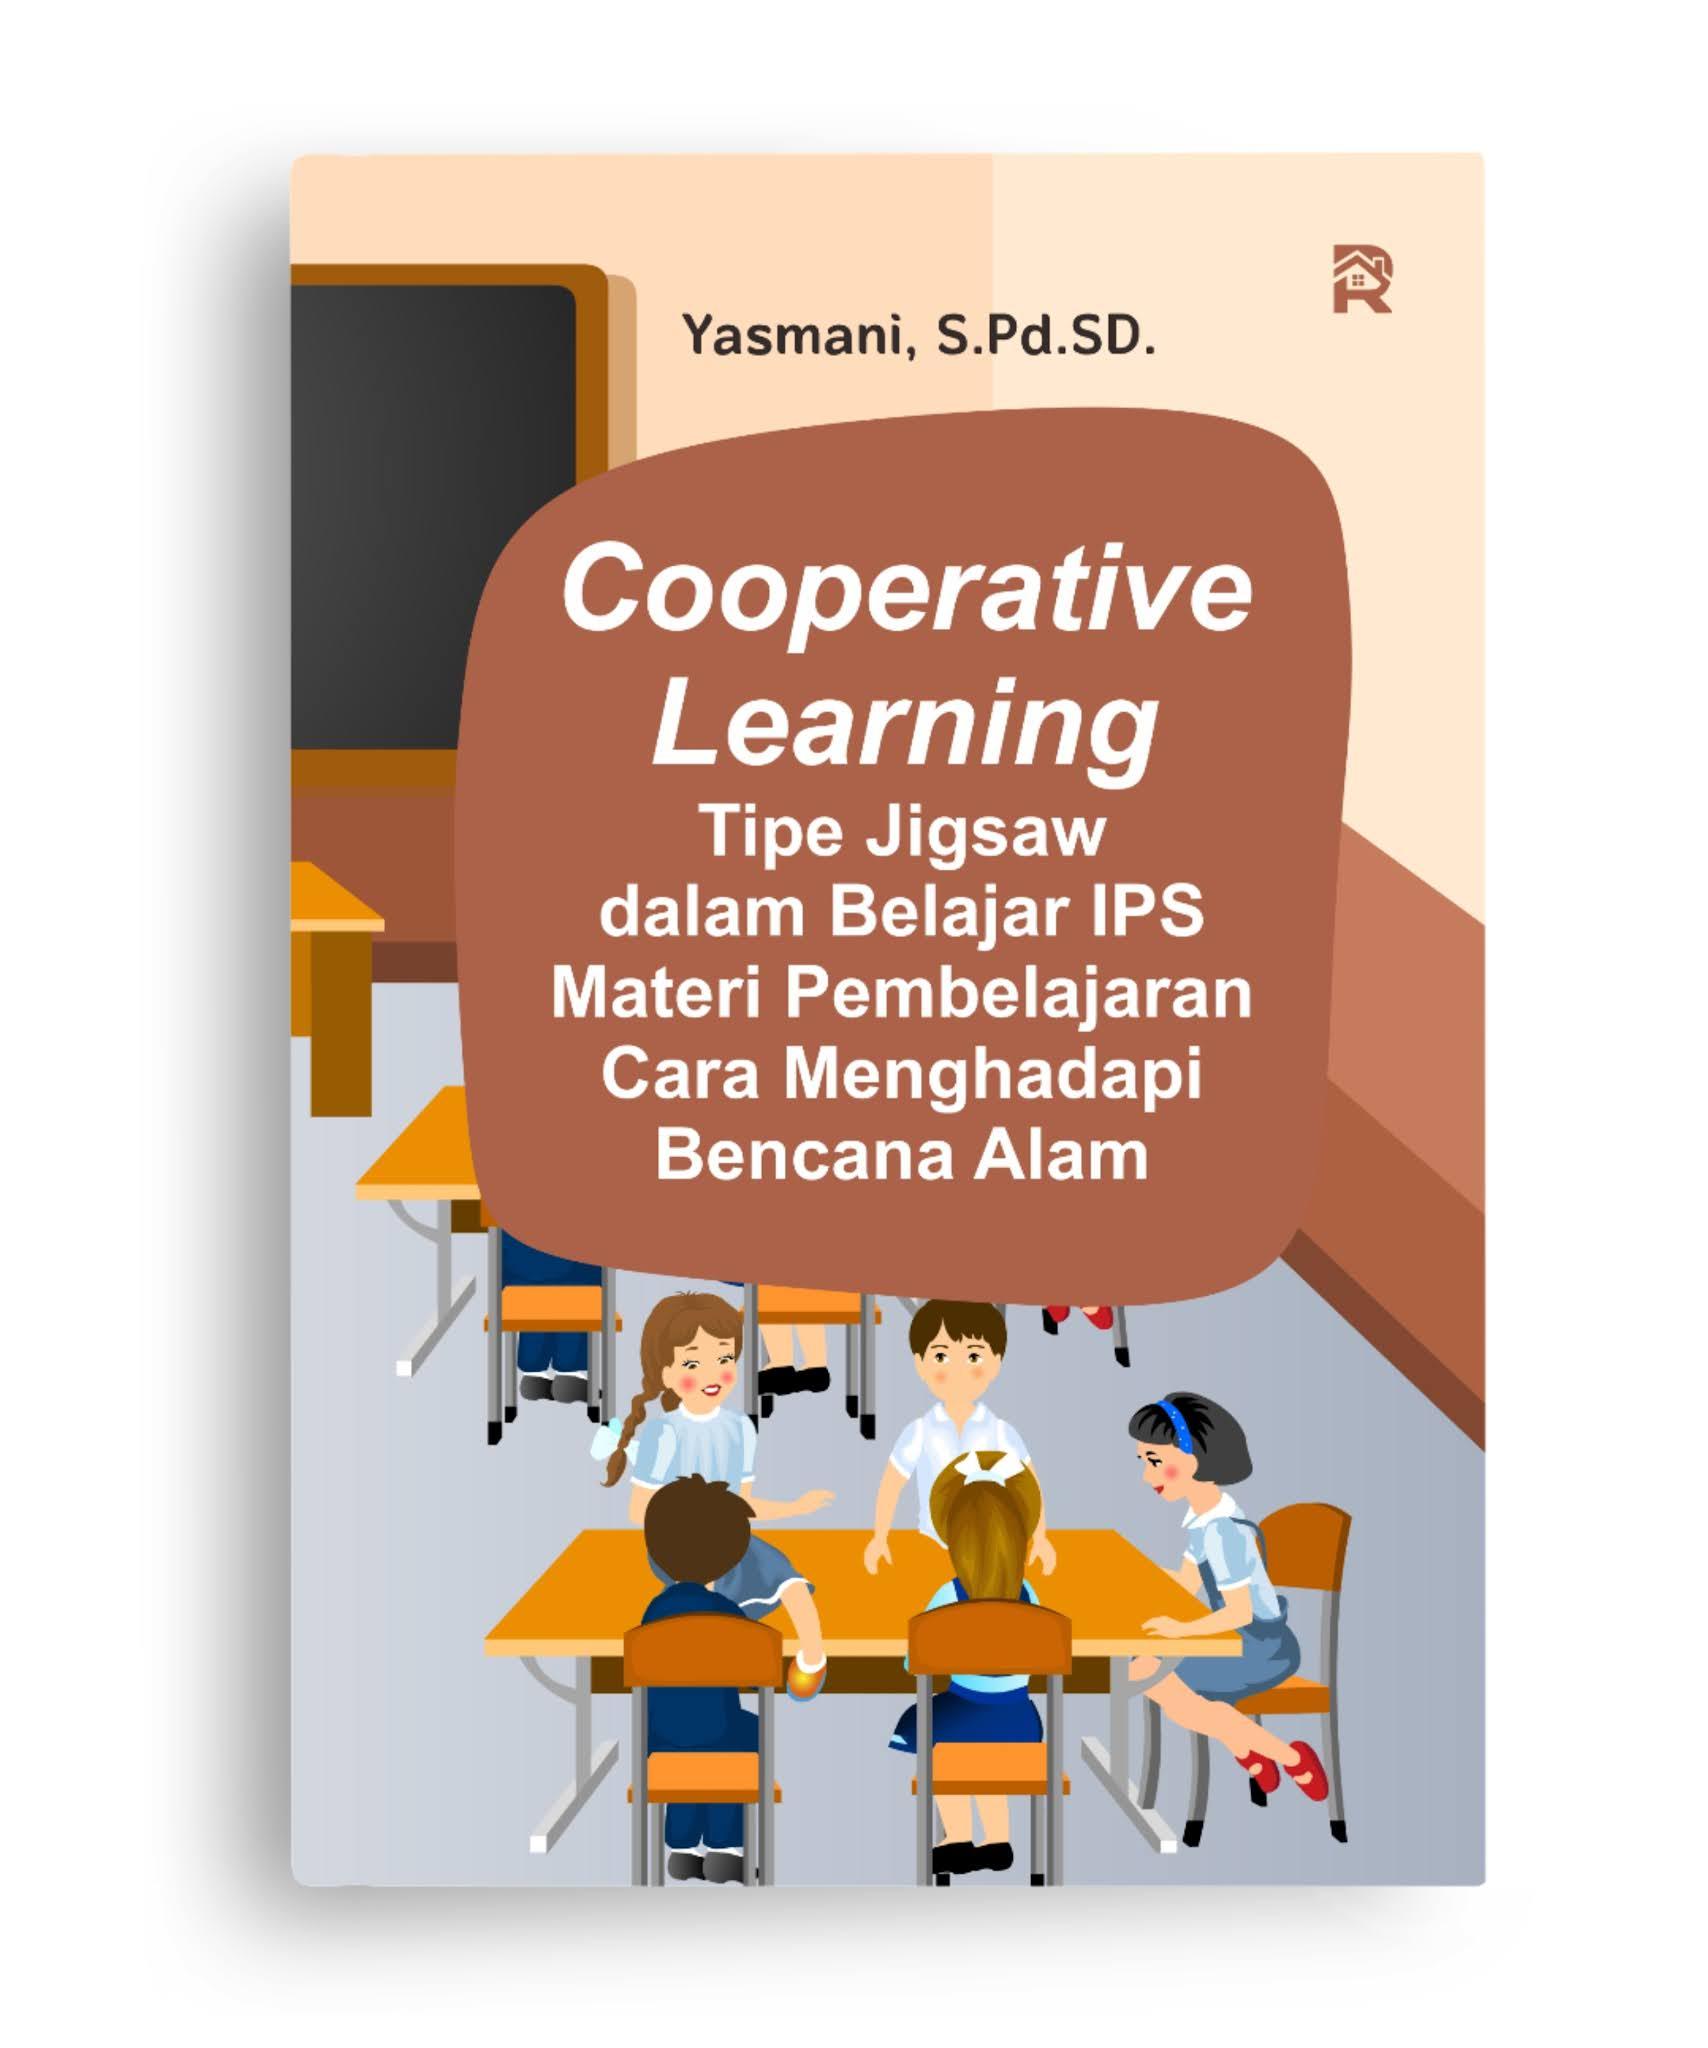 Cooperative Learning Tipe Jigsaw dalam Belajar IPS Materi Pembelajaran Cara Menghadapi Bencana Alam